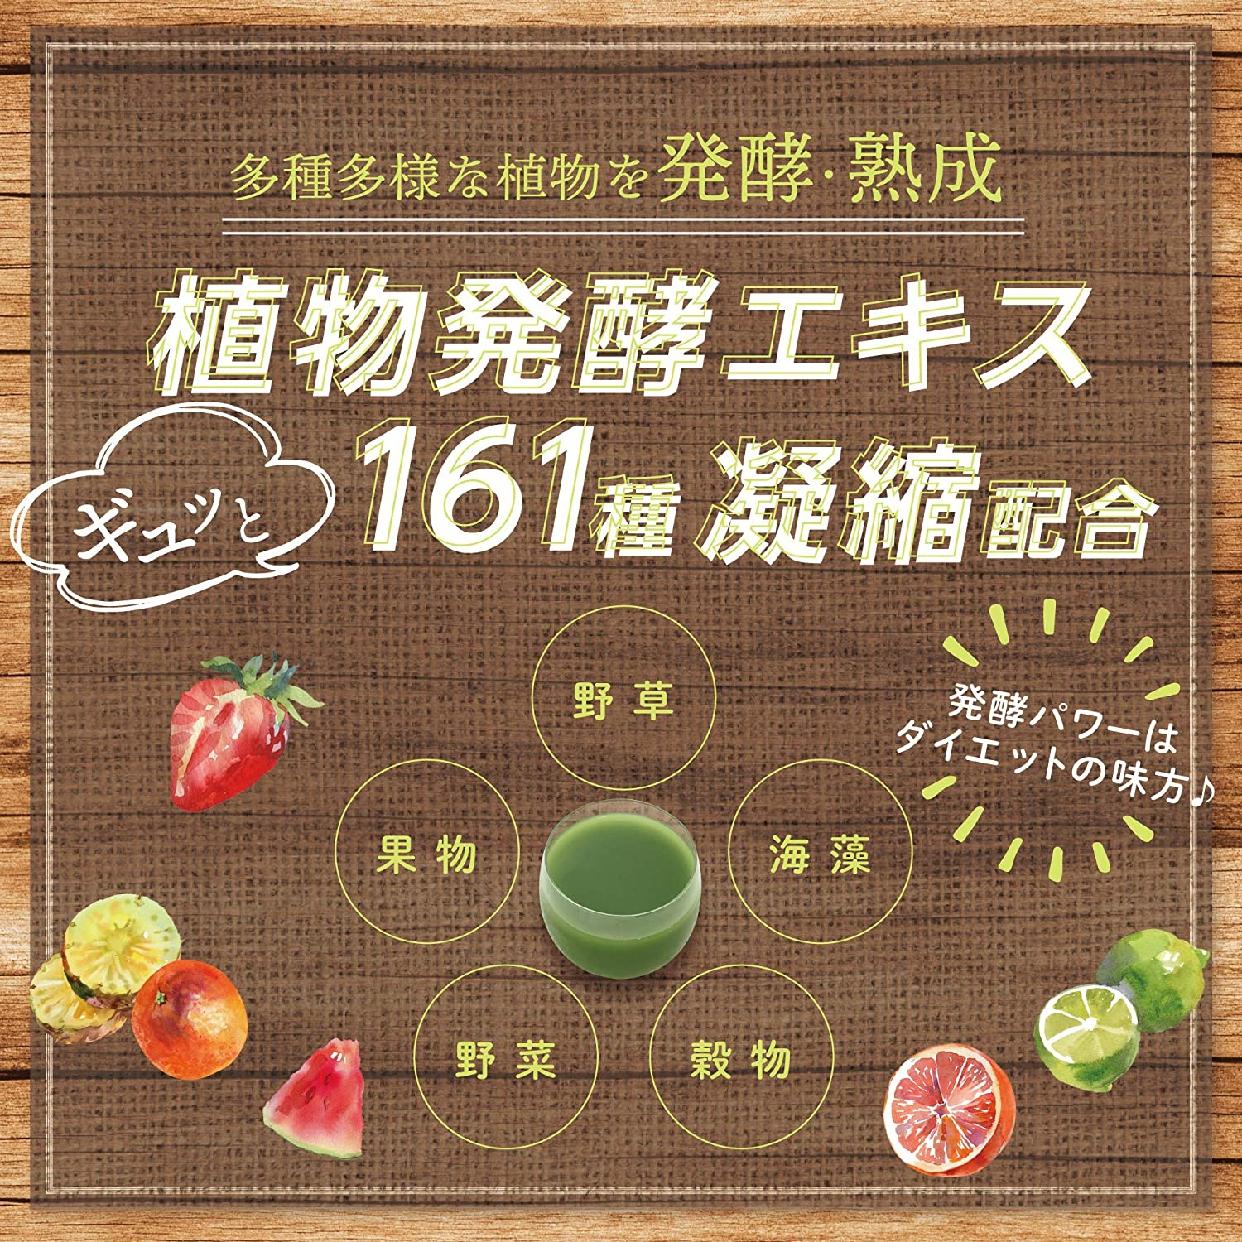 Re:fata(リファータ)フルーツと野菜のおいしい青汁の商品画像7